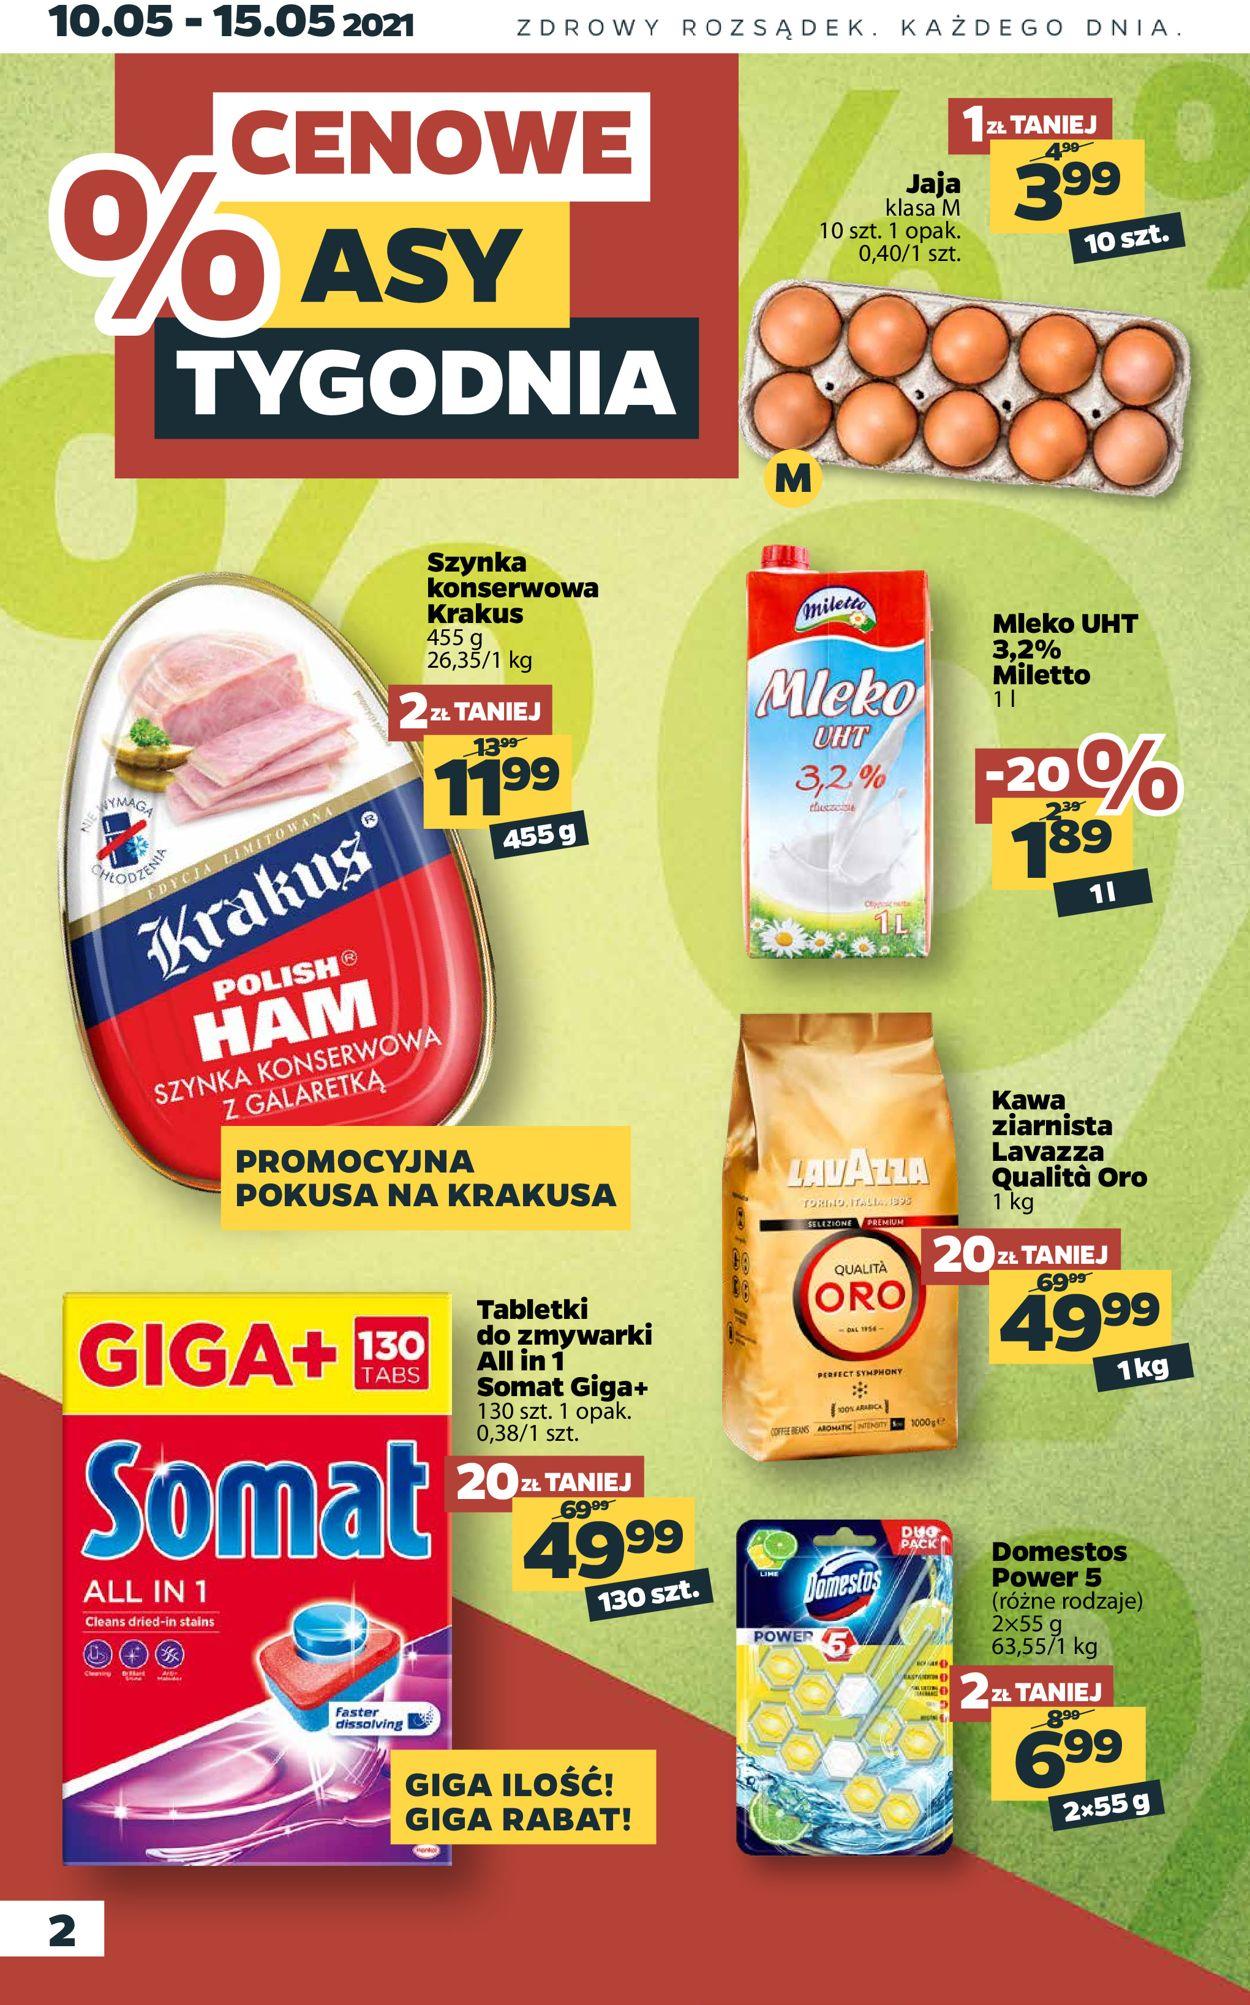 Gazetka promocyjna Netto - 10.05-15.05.2021 (Strona 2)